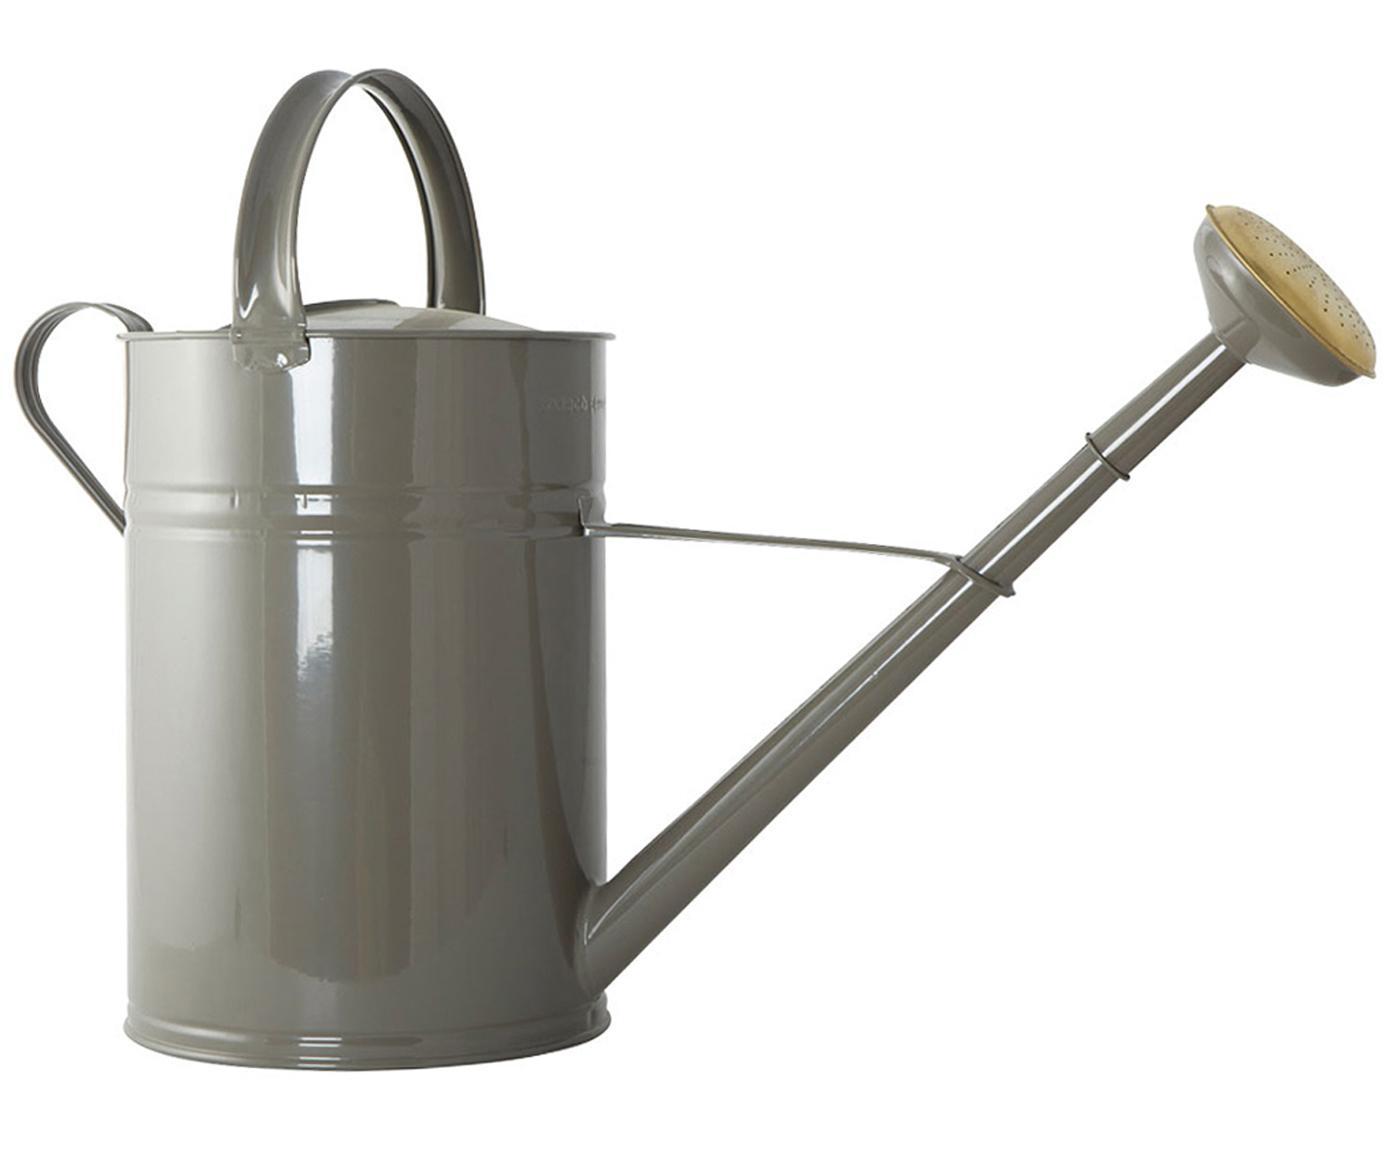 Giesskanne Nanny, Metall, lackiert, Grau, Messingfarben, 22 x 45 cm